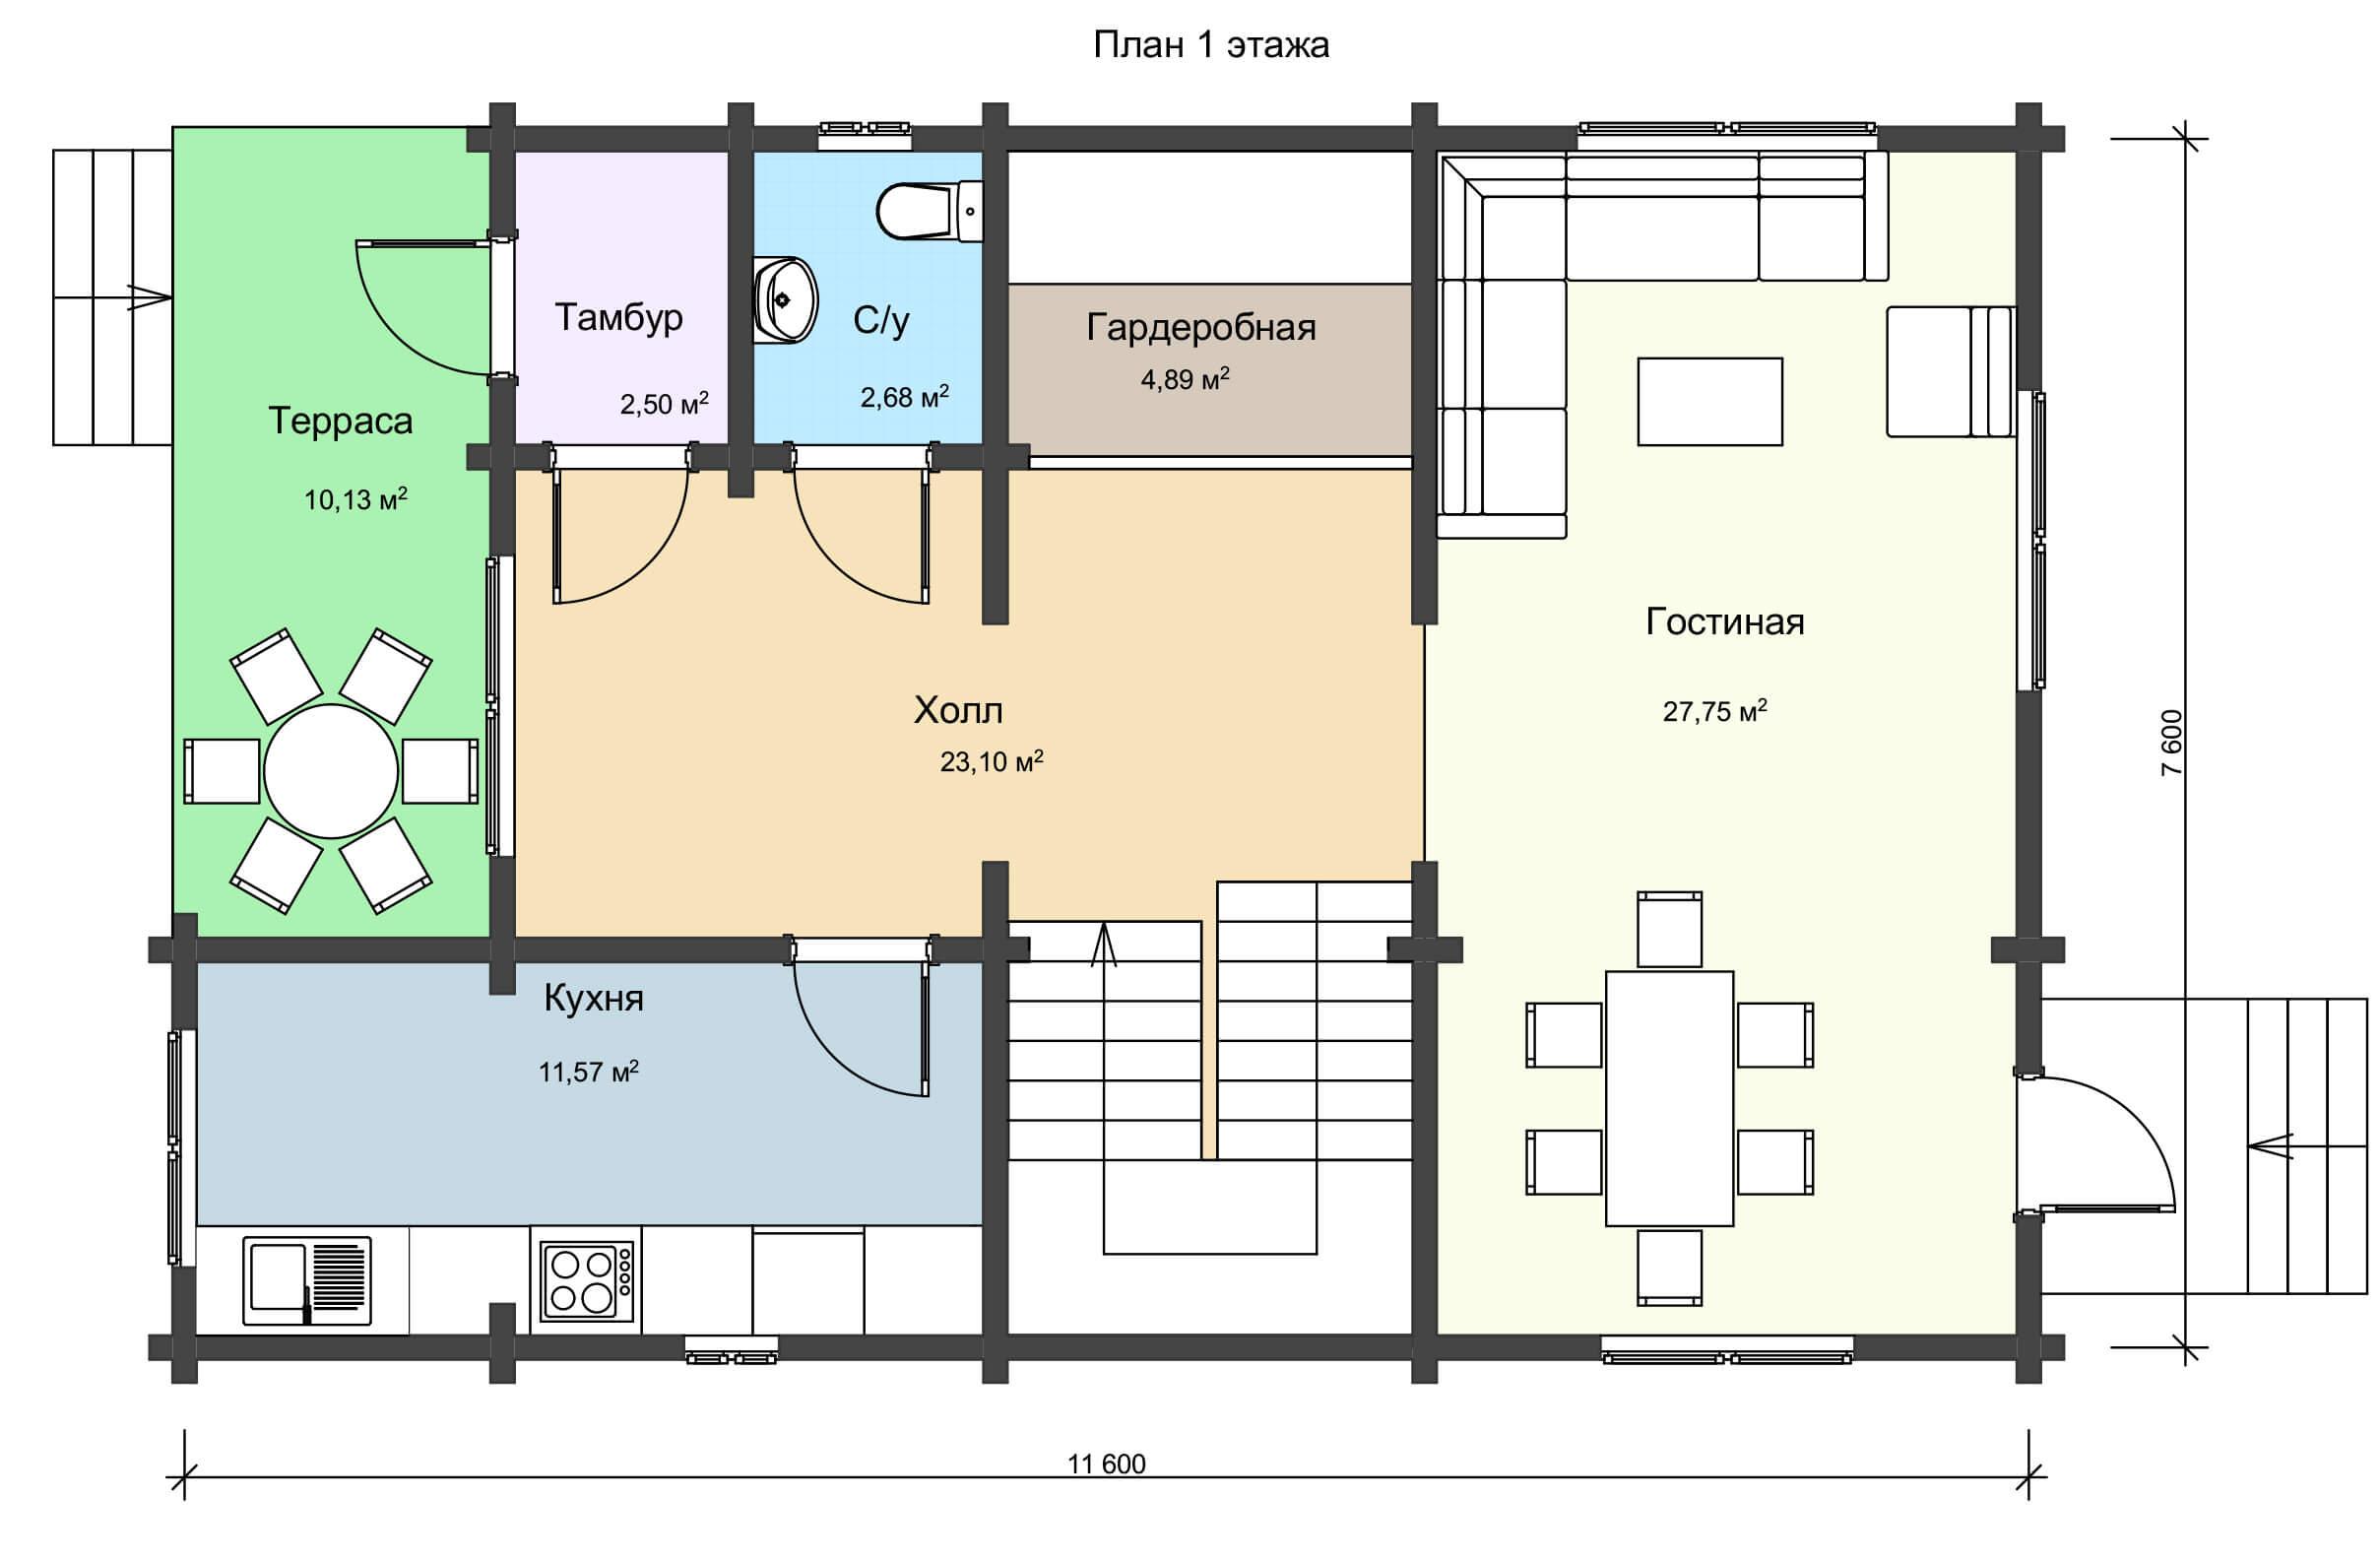 План 1 этажа большого дачного дома из бруса НД 1-14